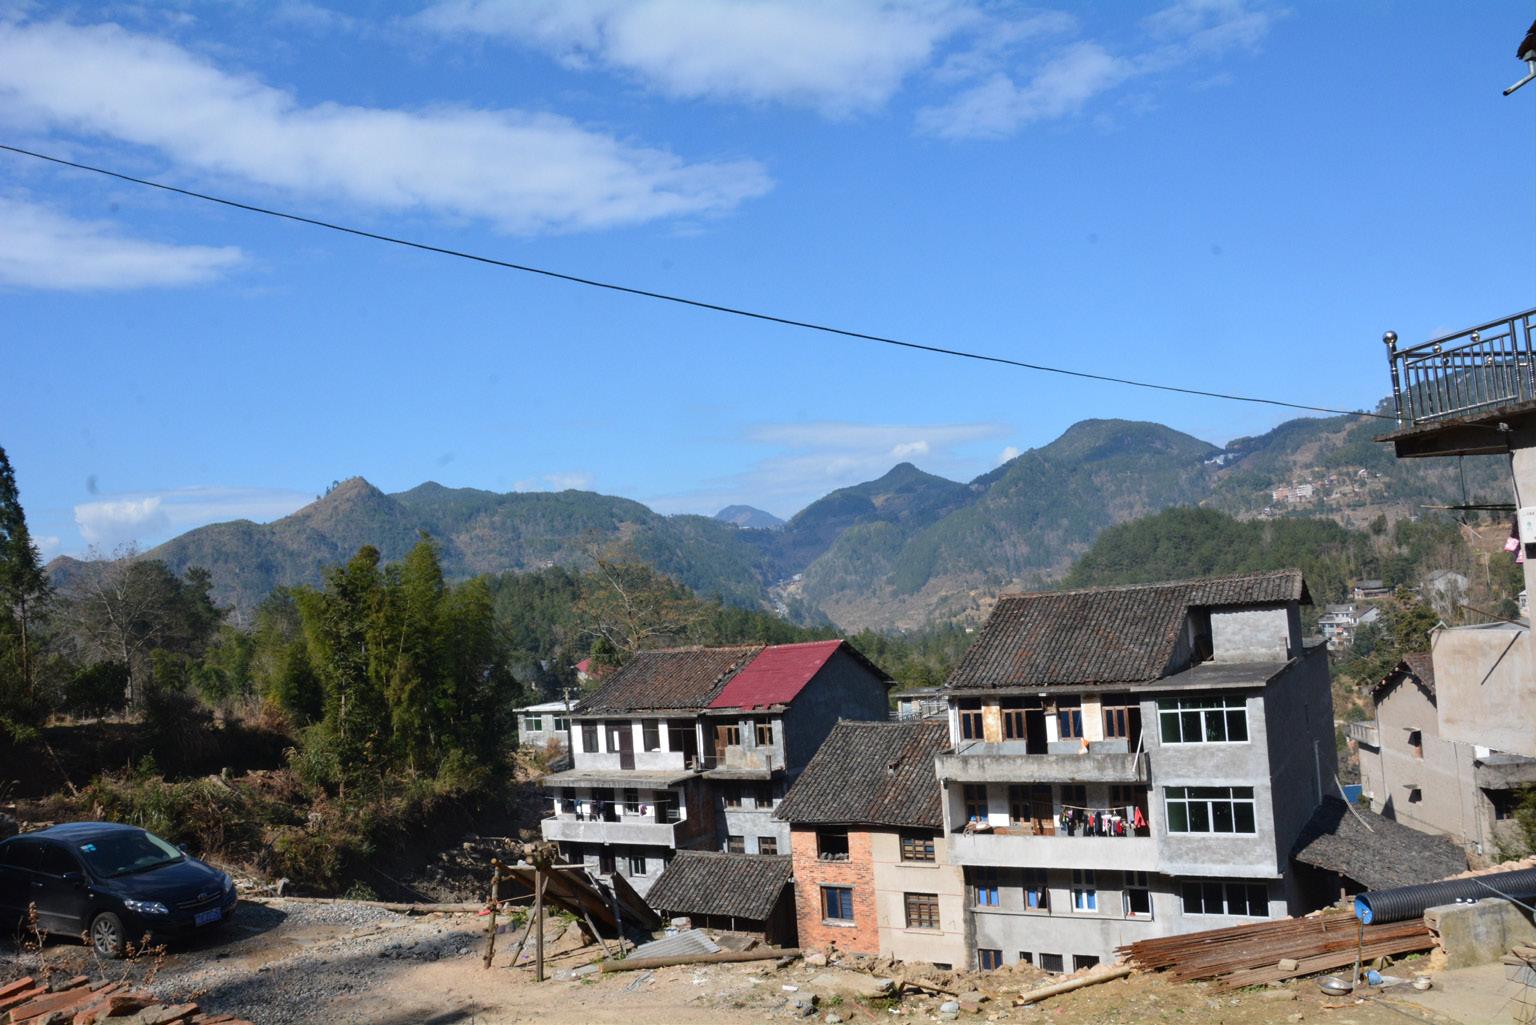 FIGURA 16. Alcuni caseggiati del villaggio di Fu'ao (foto: F. Serratore).